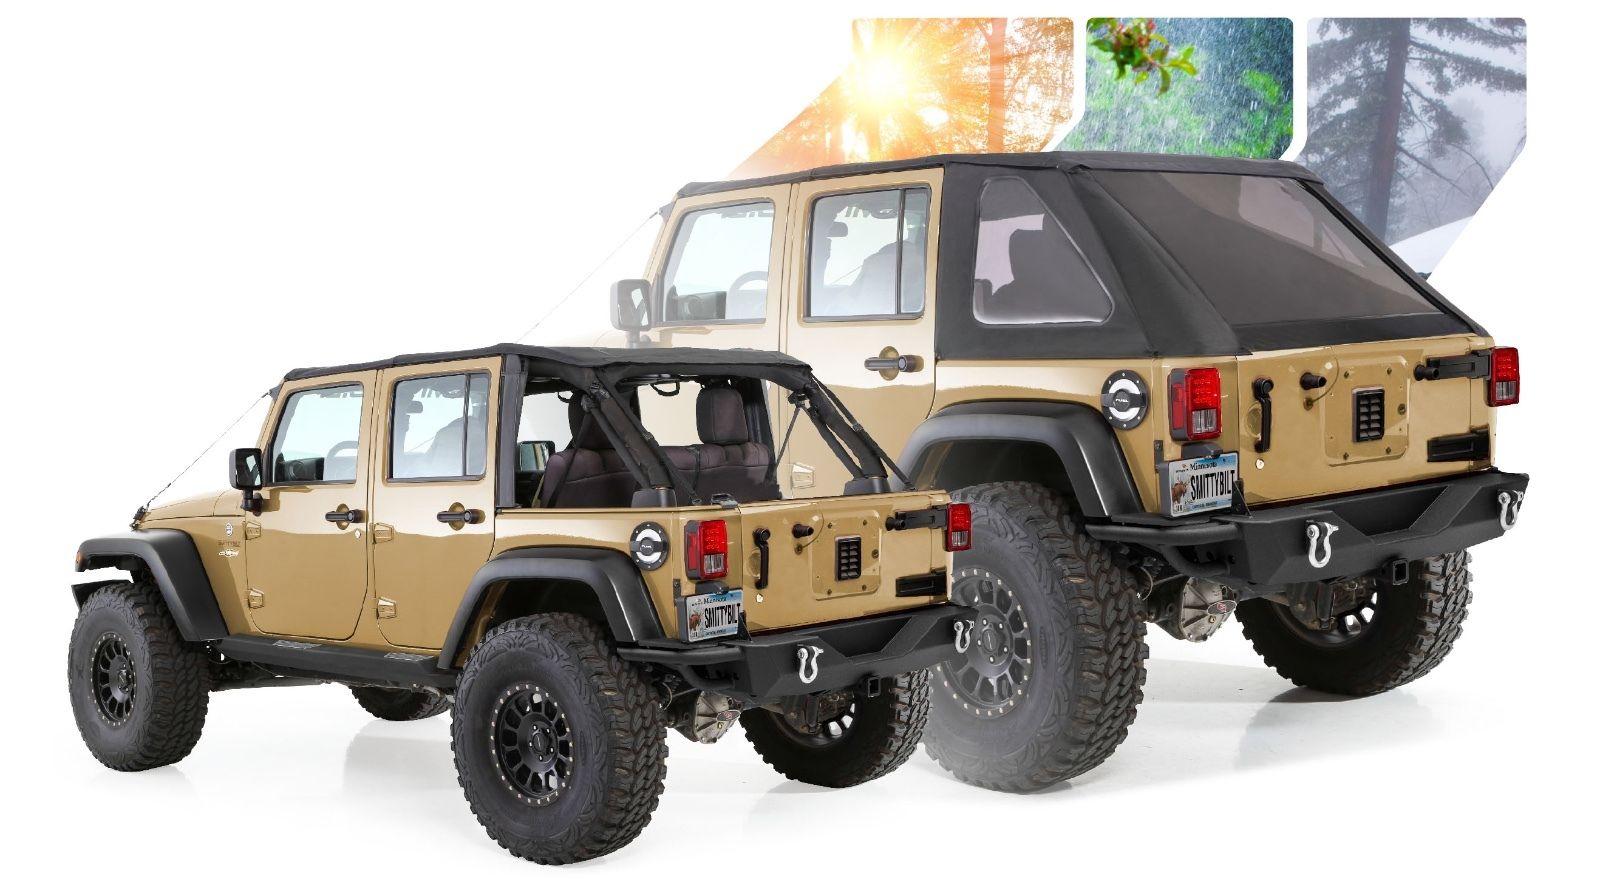 幌 2007-2017ジープラングラー無制限フレームレスボウレスソフトトップキット(hrdwが必要) 2007-2017 Jeep Wrangler Unlimited Frameless Bowless Soft Top Kit (requires hrdw)